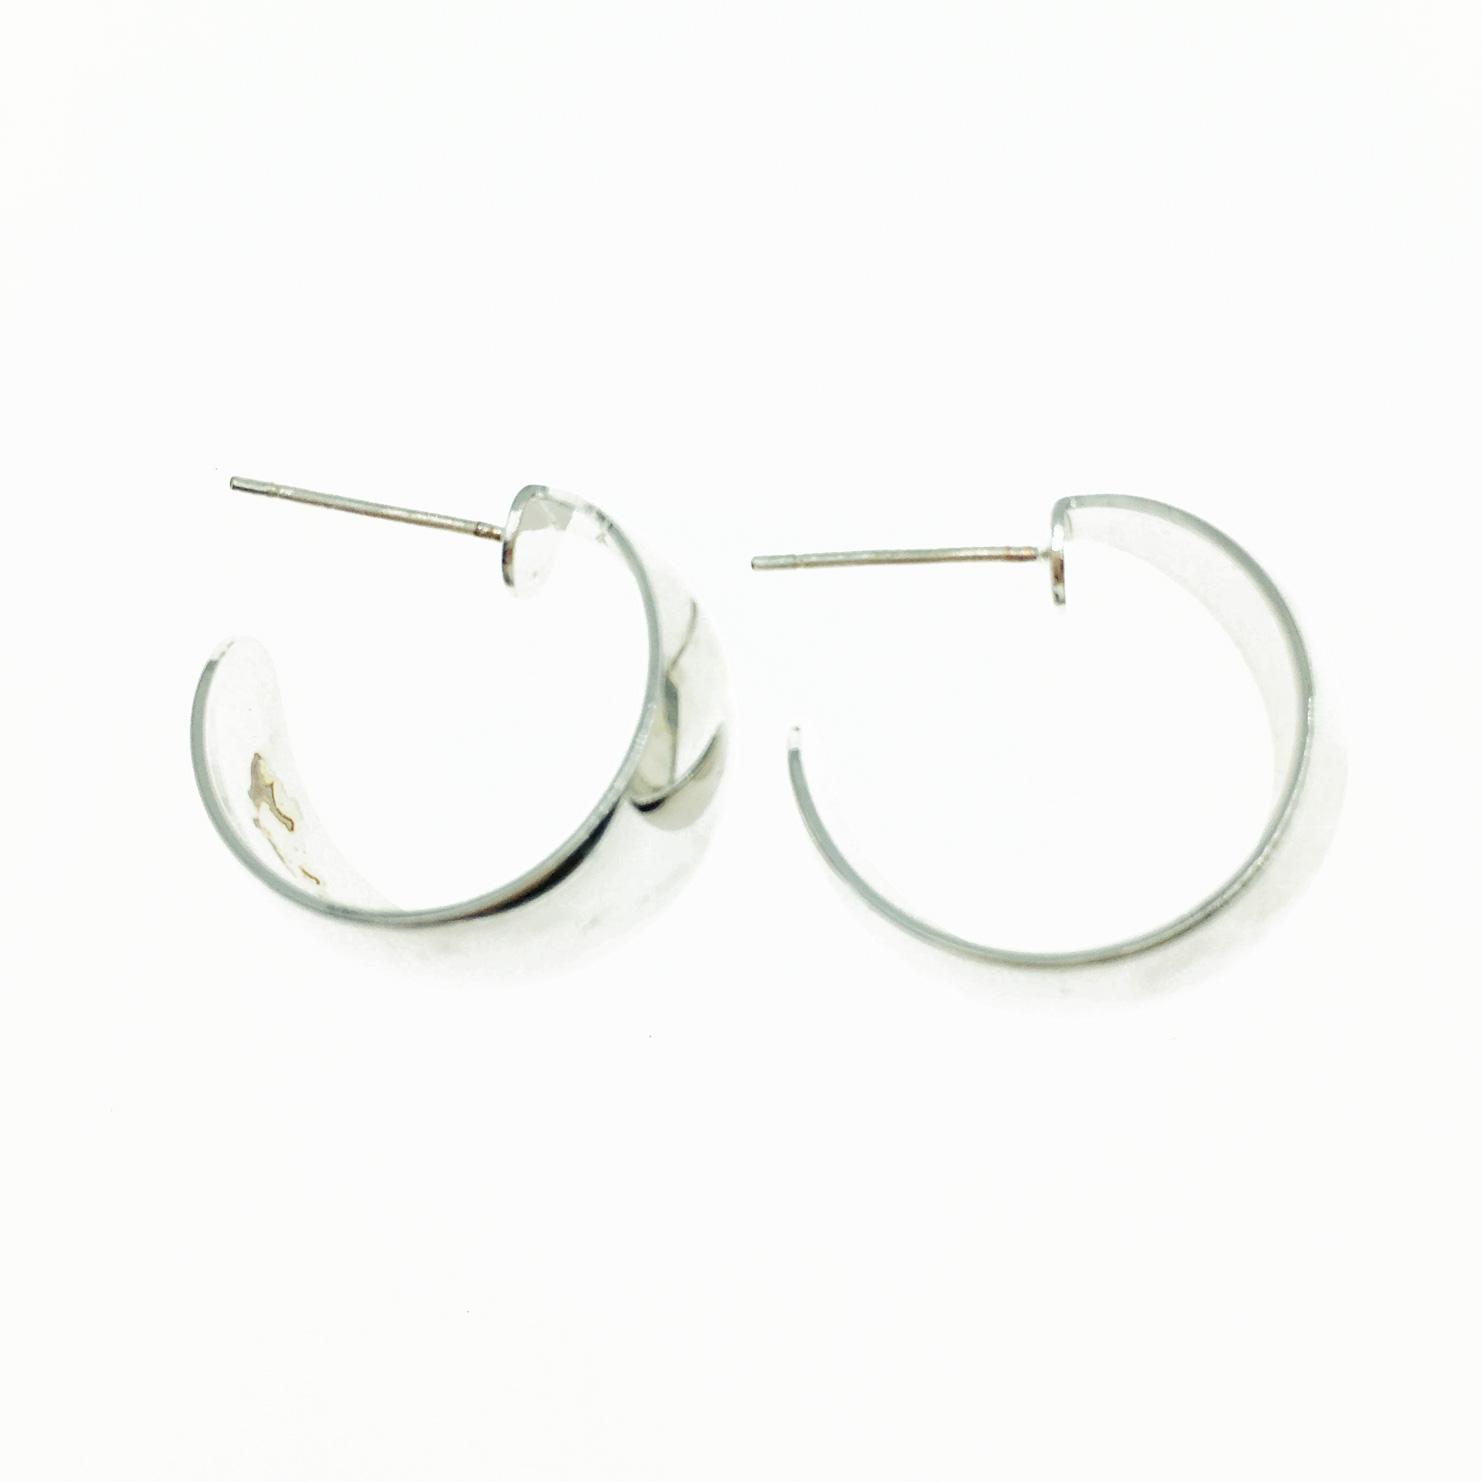 韓國 925純銀 開口半圓 金屬 歐美簡約風 百搭款 耳針式耳環